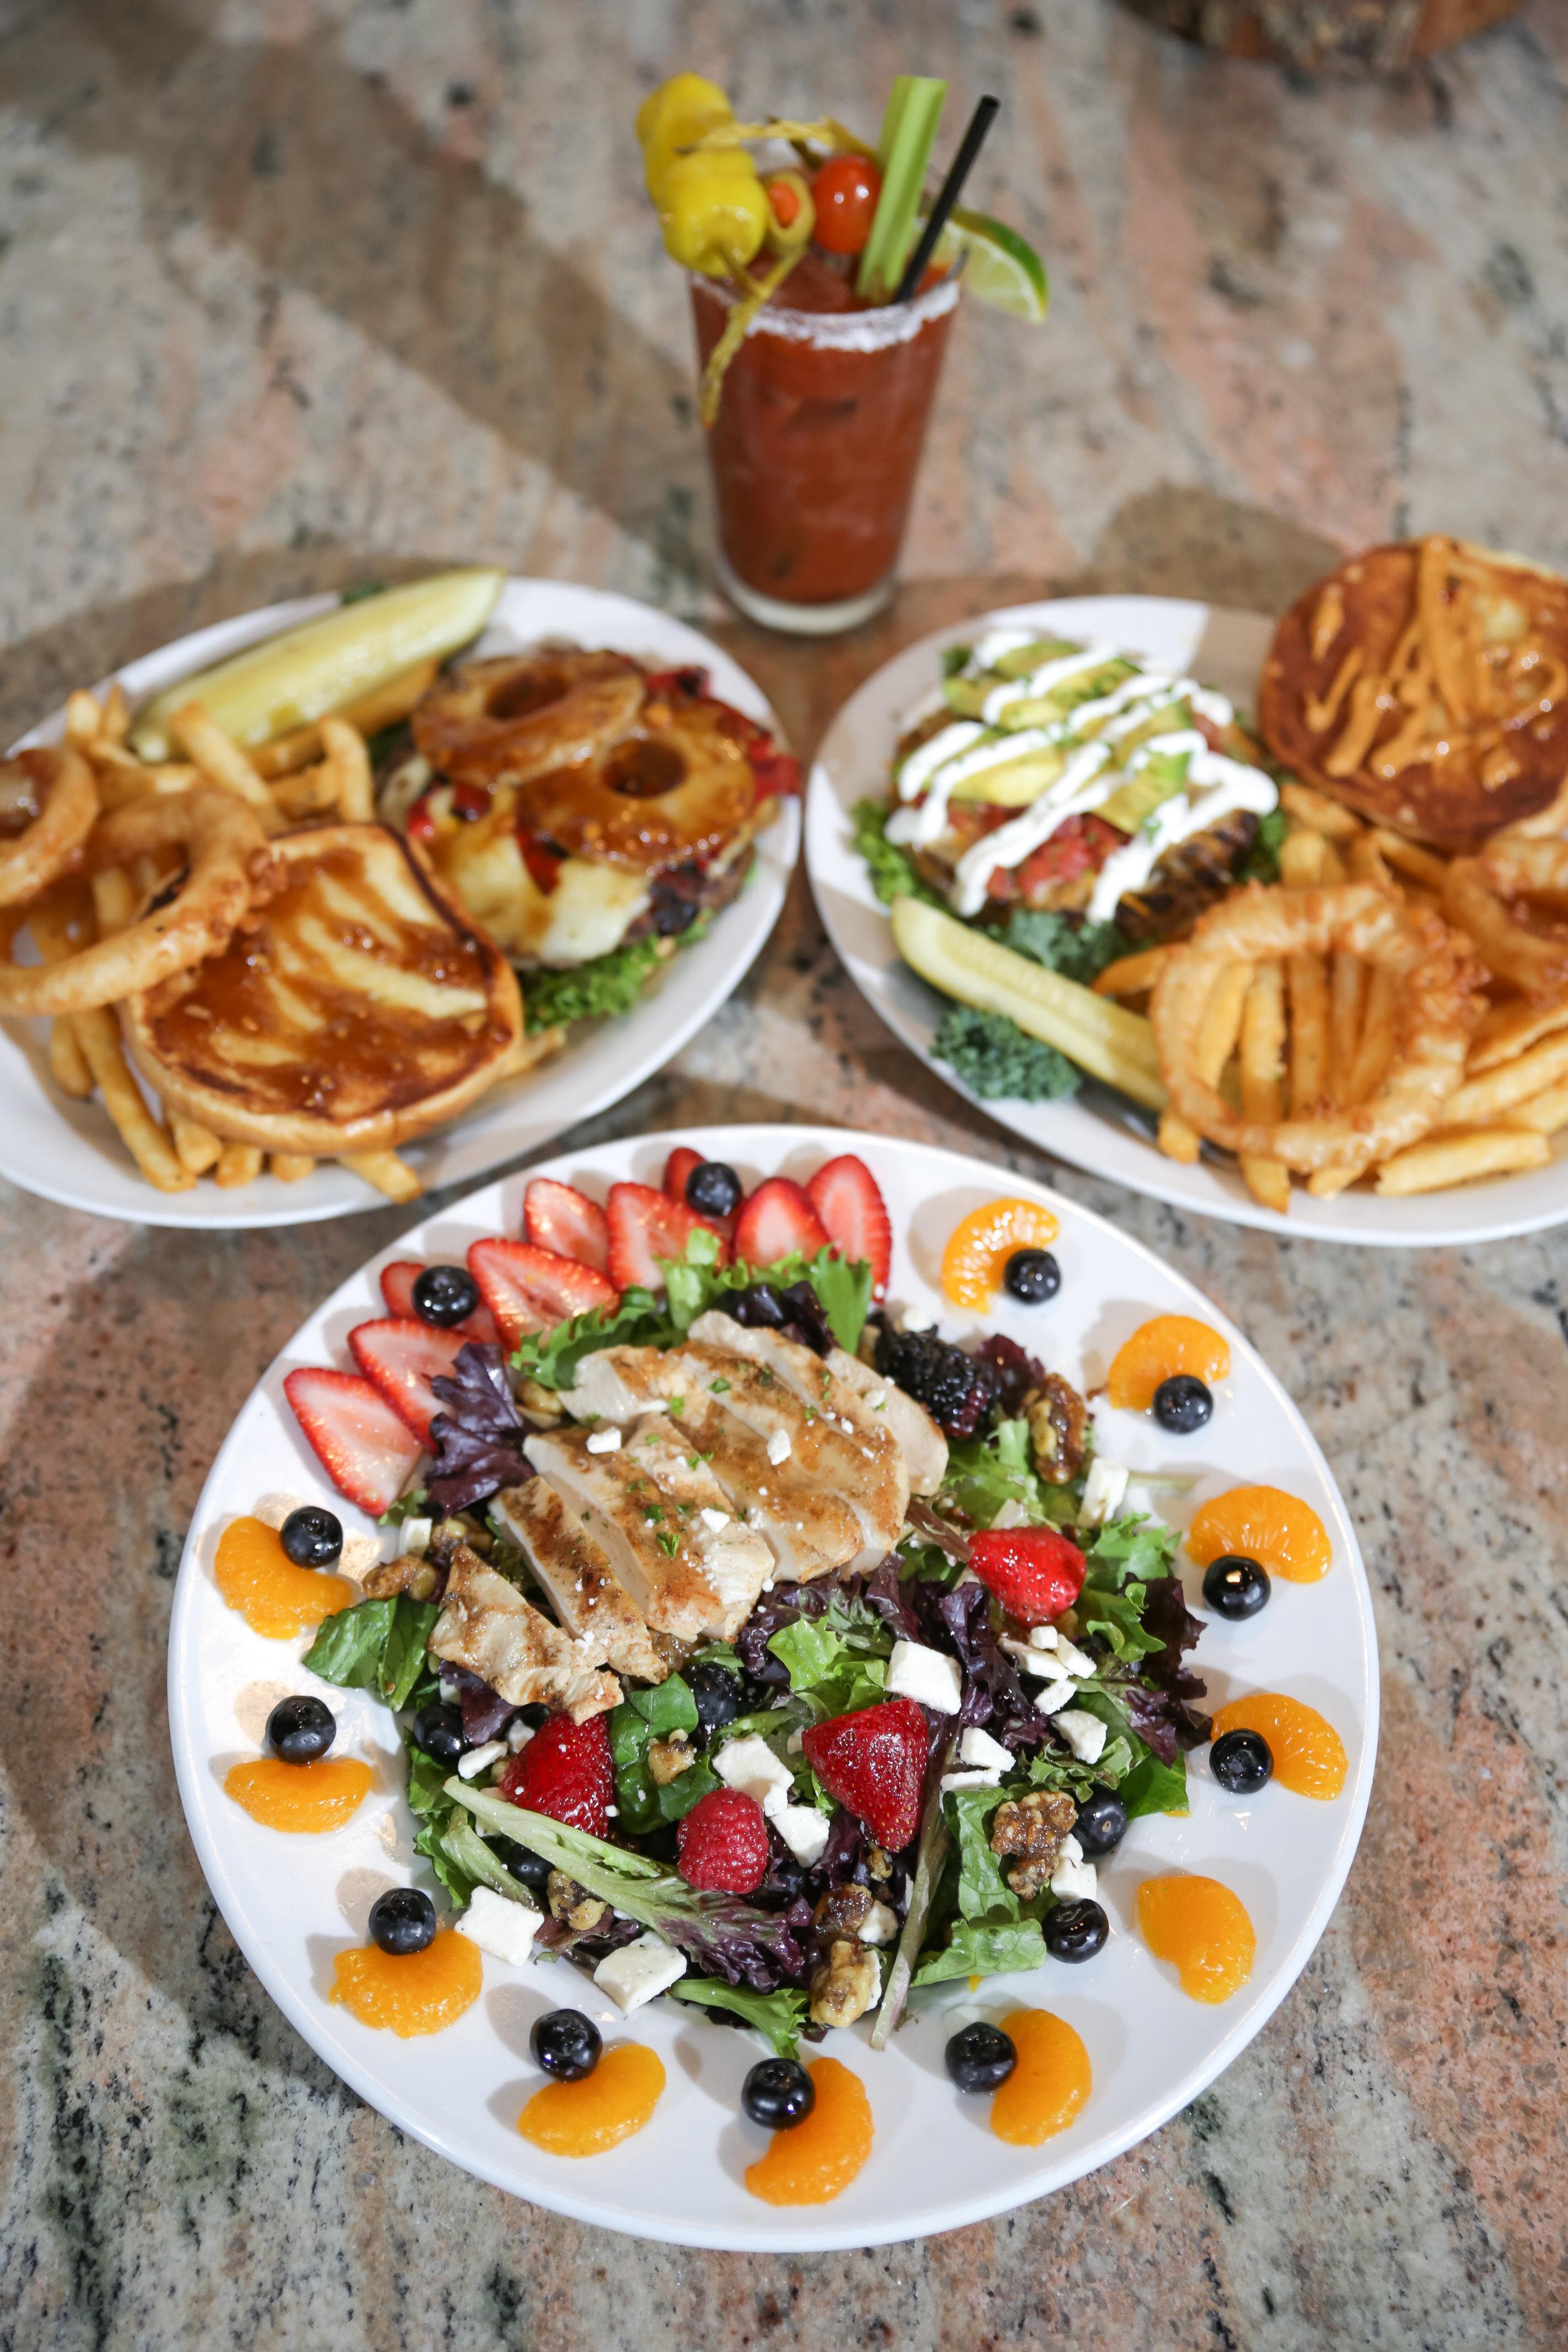 Juicys_Lake_Town_Eats (1 of 7).jpg